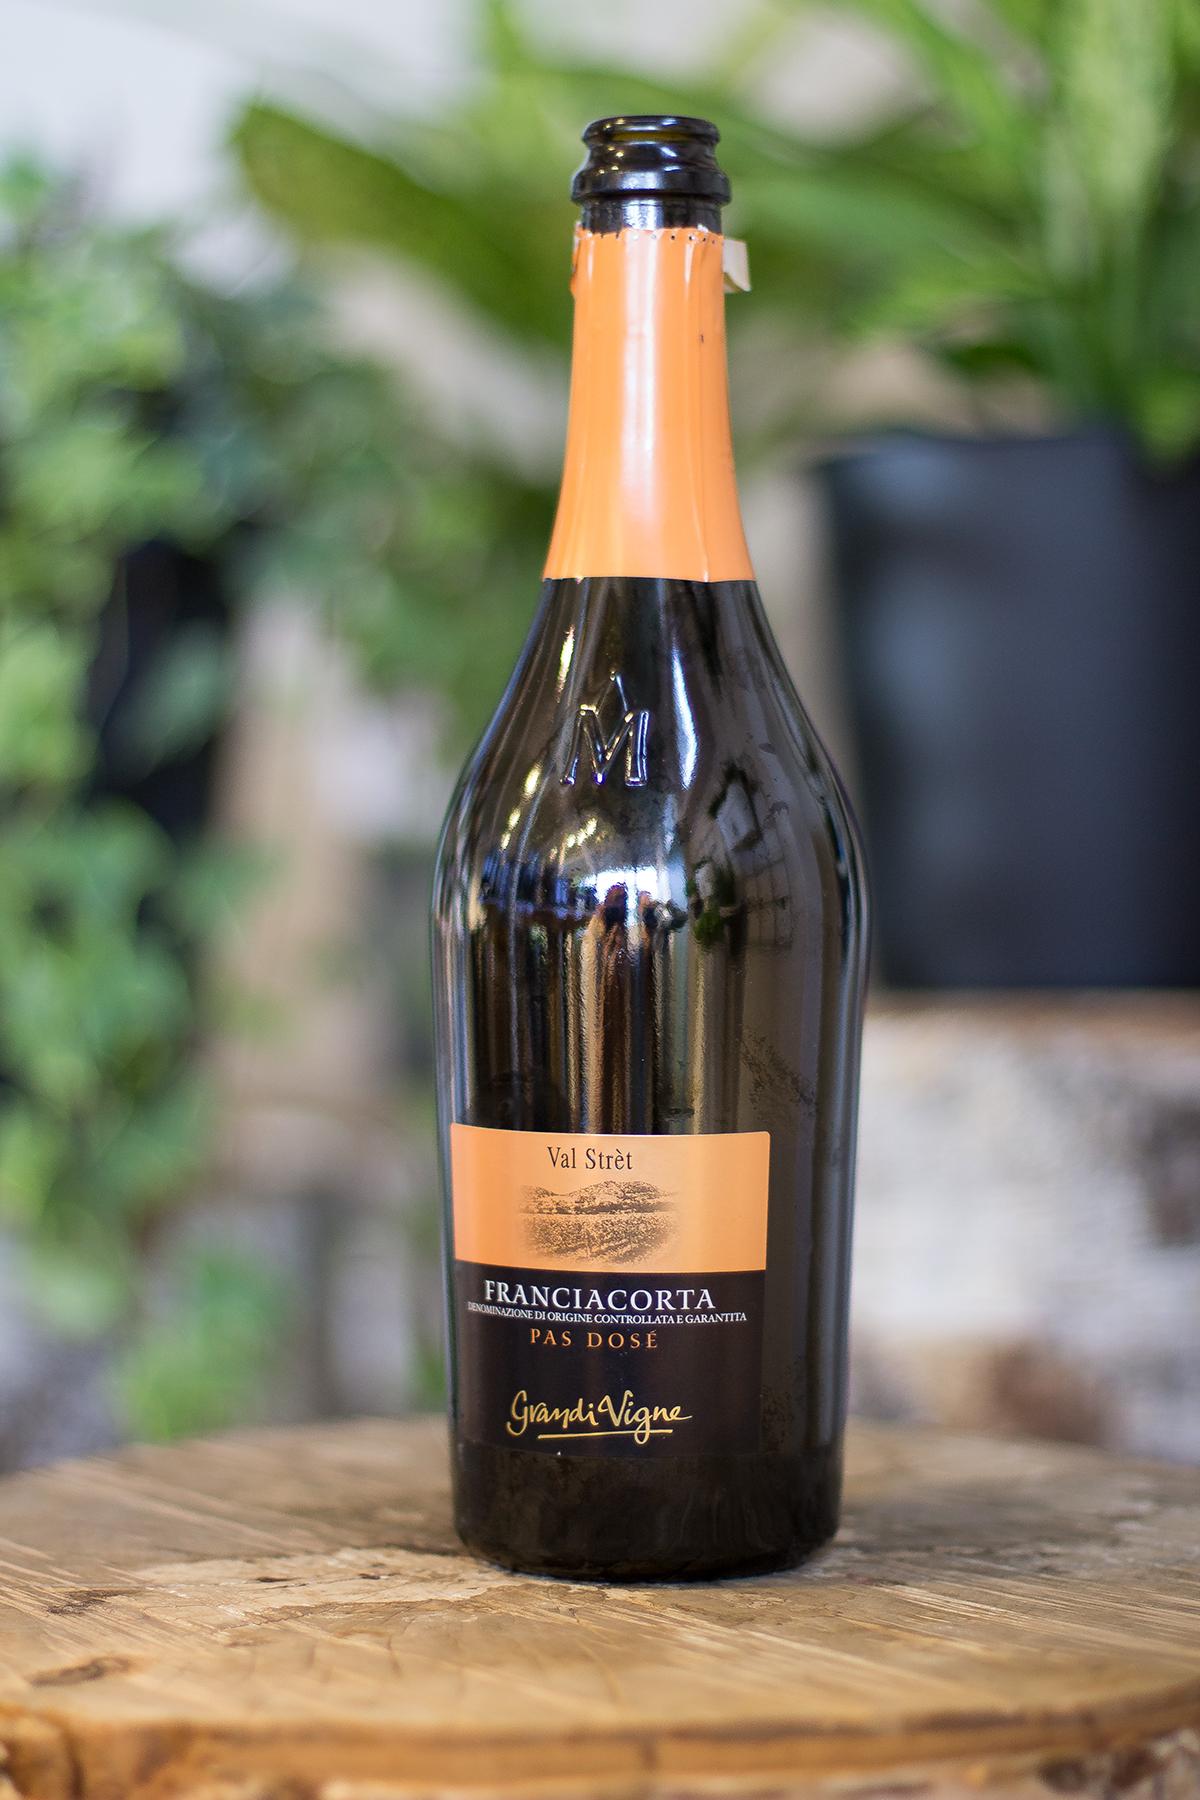 vini italiani di qualità, Grandi Vigne, Iper La grande i